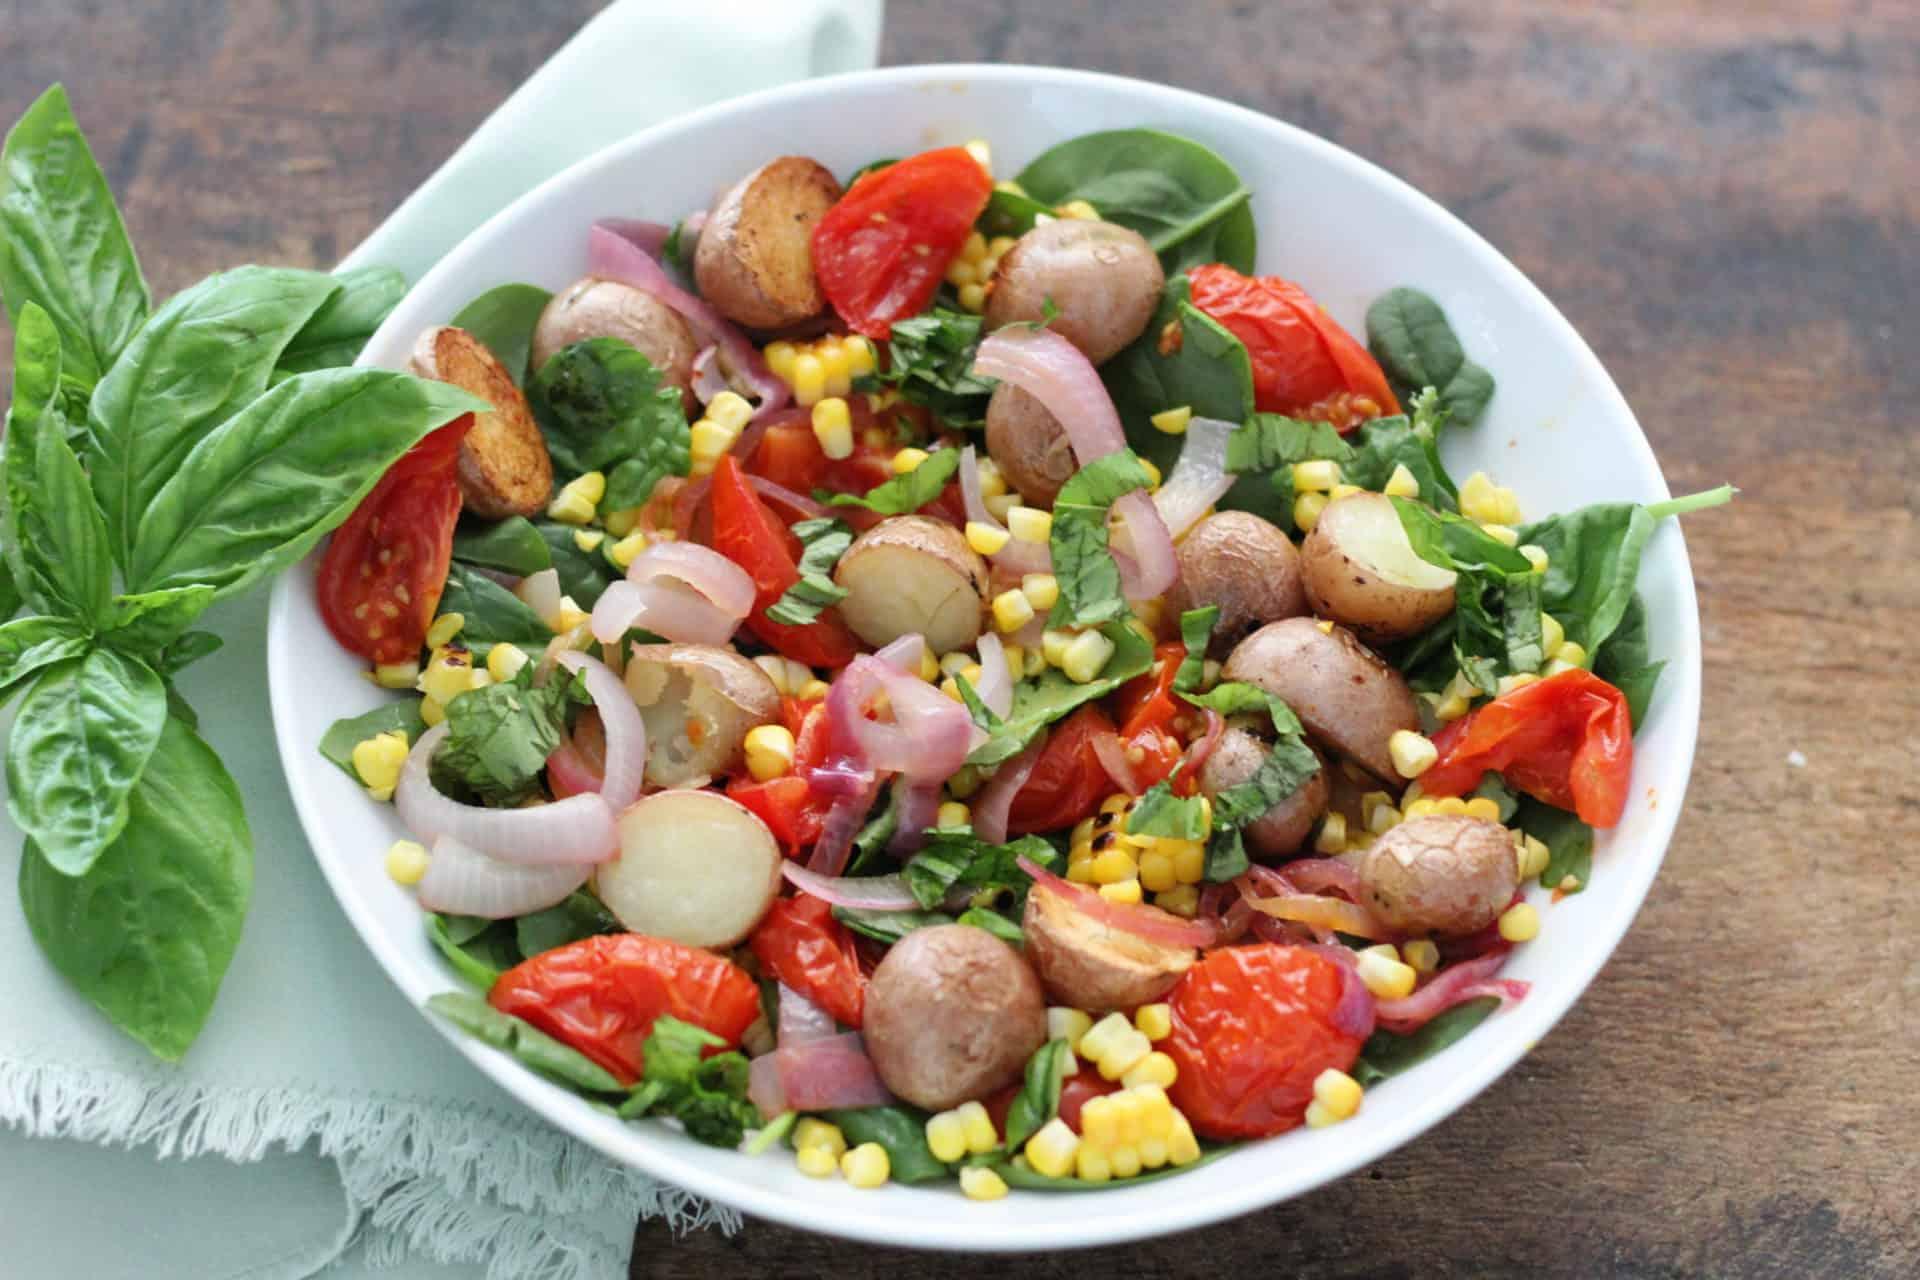 Salads, Summer, Vegetarian, Gluten-Free, Quick & Easy, Potato Salad, Mediterranean, Mediterranean diet